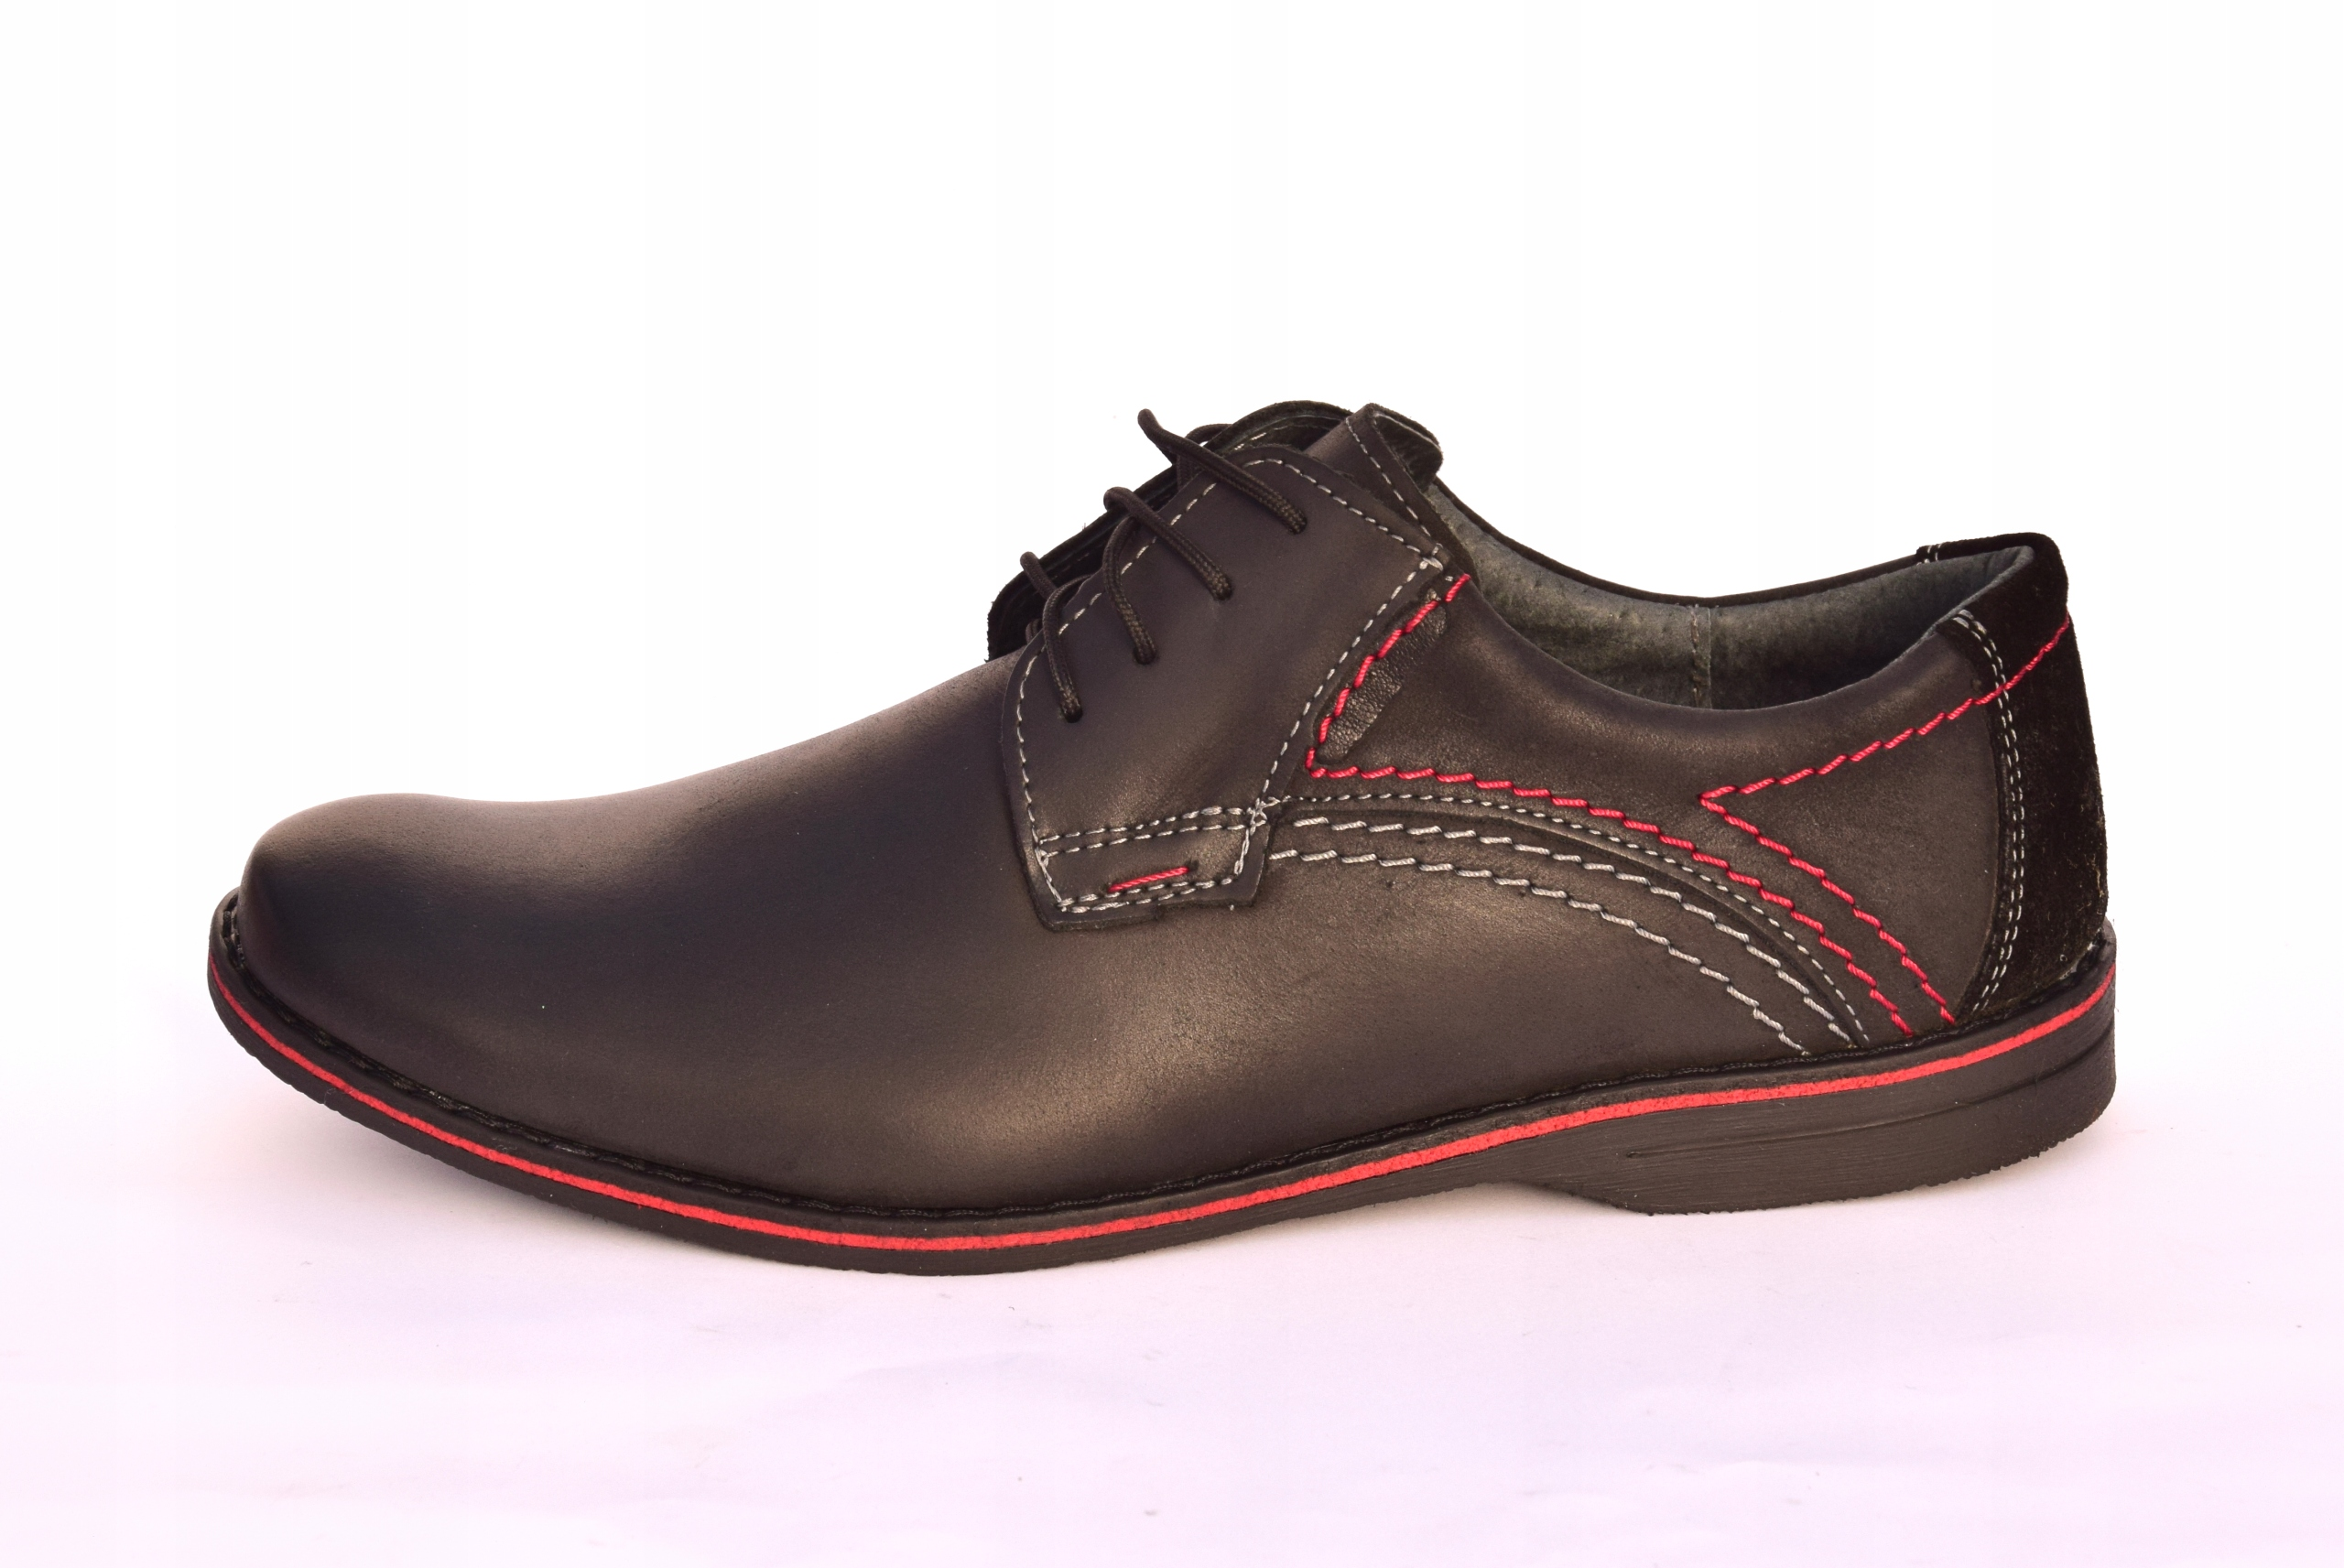 Buty męskie casual obuwie skórzane polskie 242 Rozmiar 40